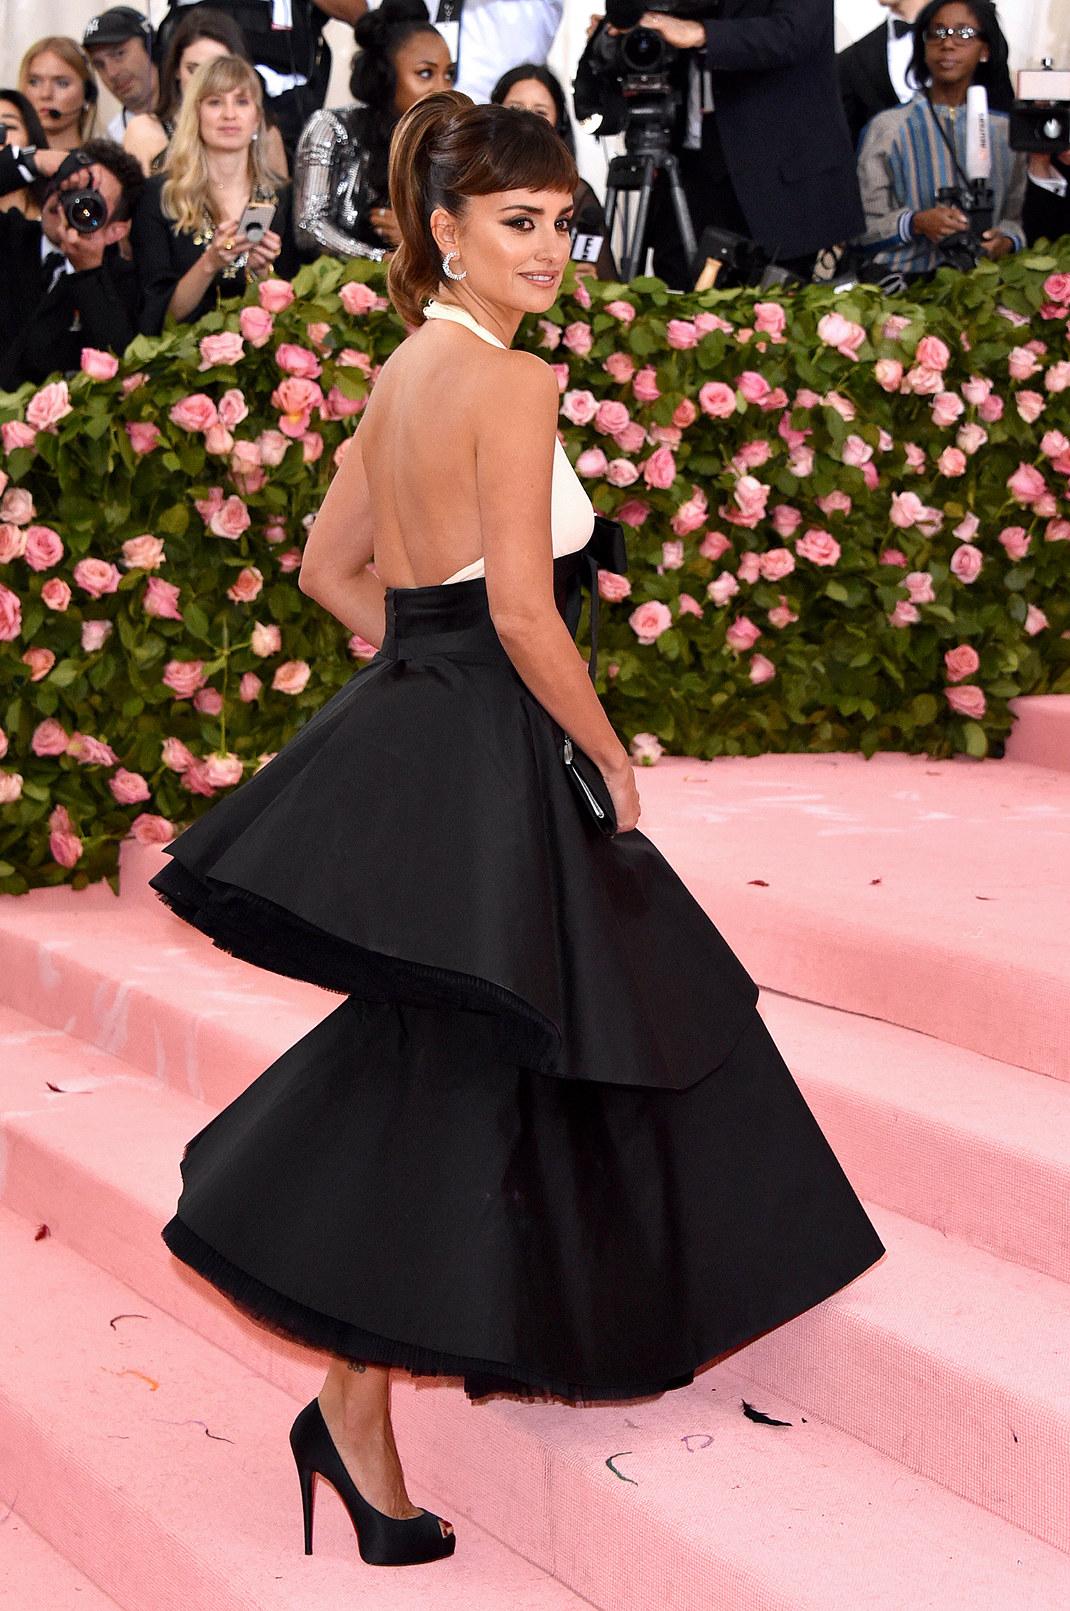 Σπανιόλικο φόρεμα Πενέλοπε Κρουζ στο met Gala 2019